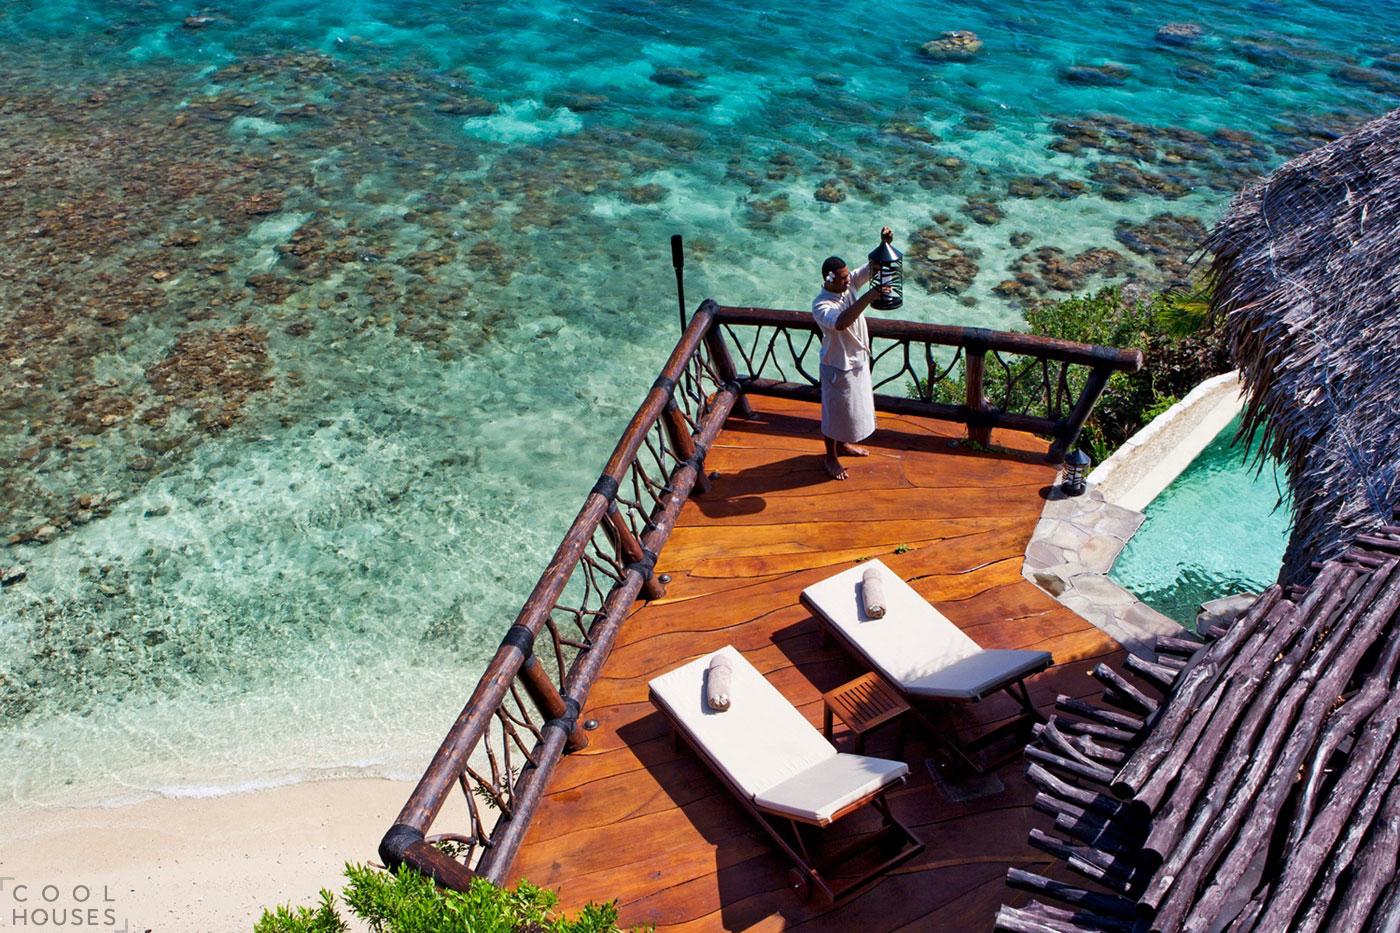 Роскошный семизвездочный отель на живописном частном острове Laucala Island в Тихом океане